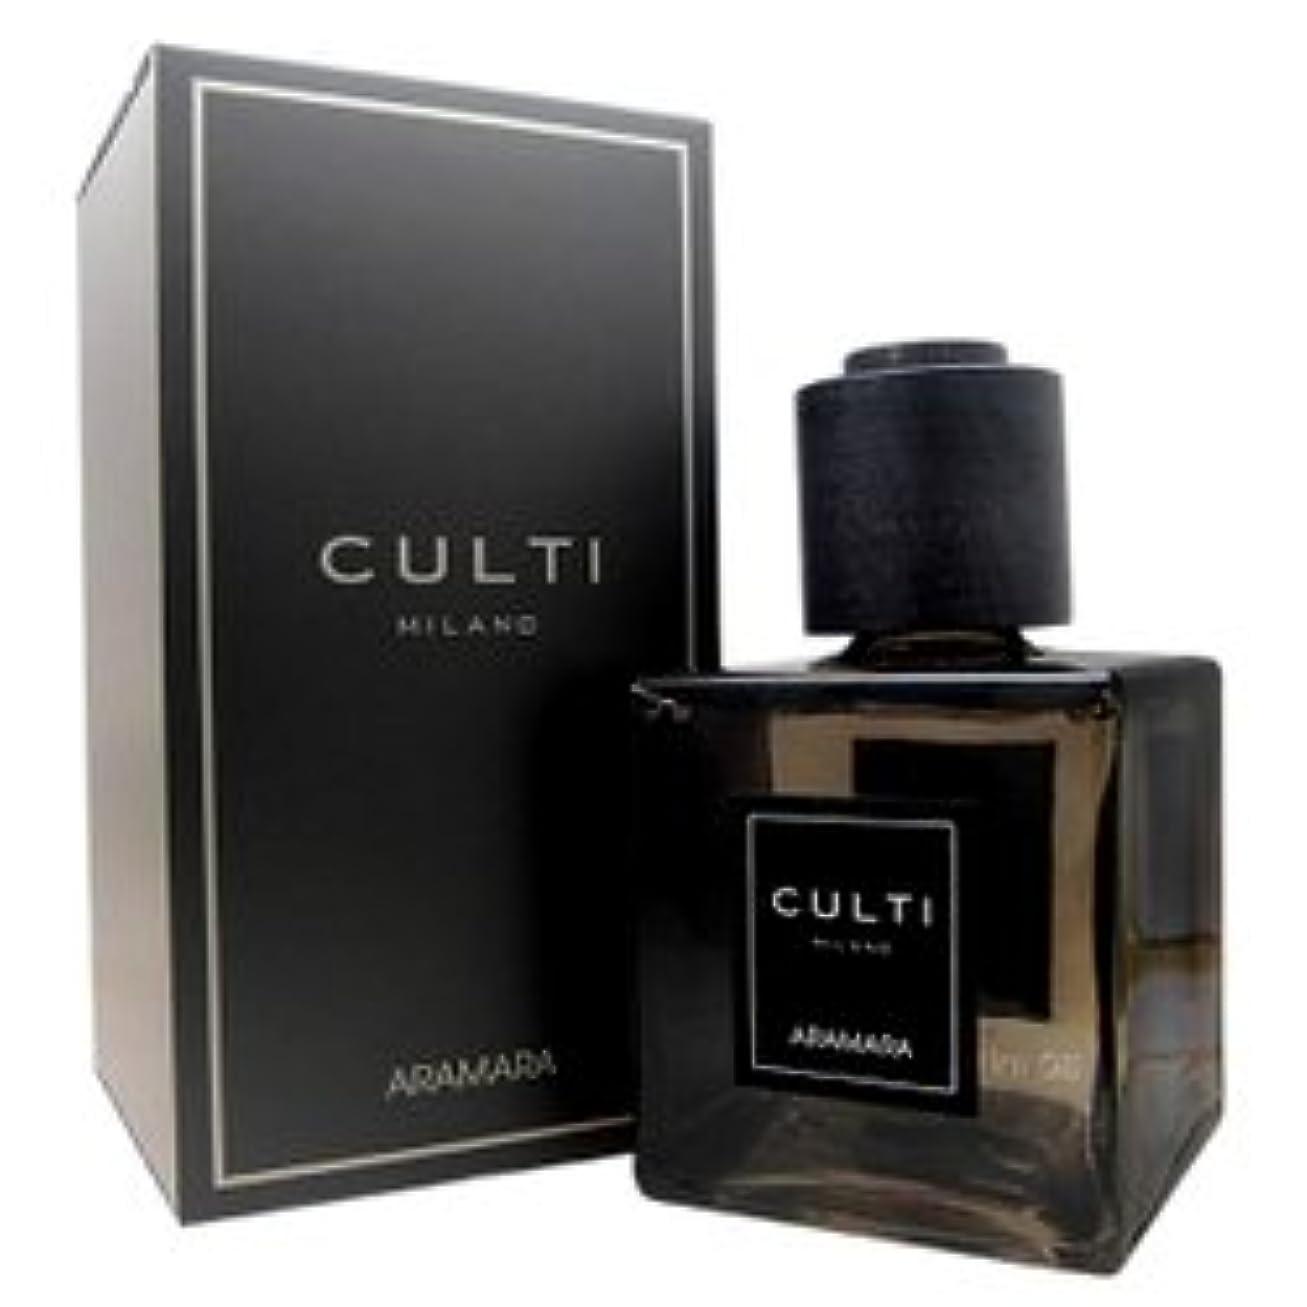 露骨なブラケットシーフード【CULTI】クルティ デコールクラシック ARAMARA 250ml [並行輸入品]